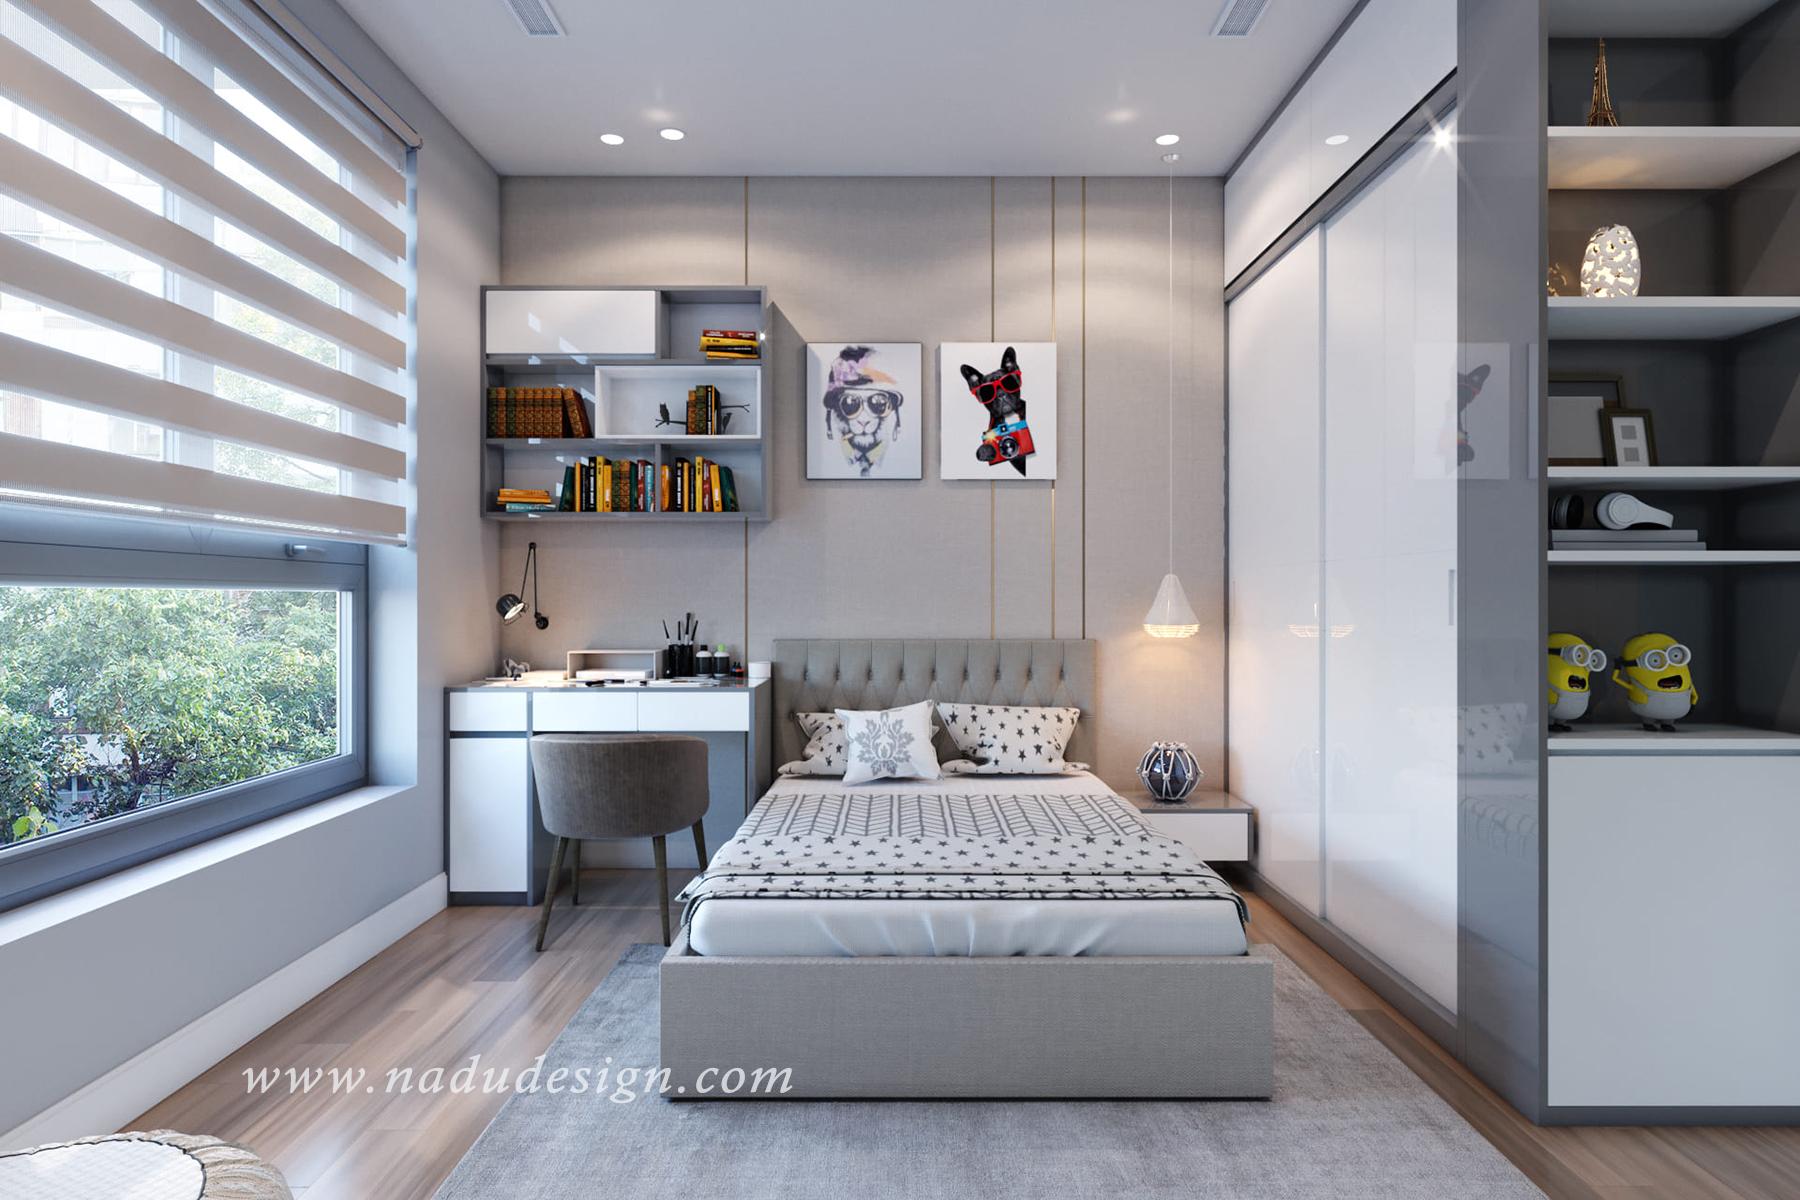 thiết kế nội thất phòng ngủ cho trẻ